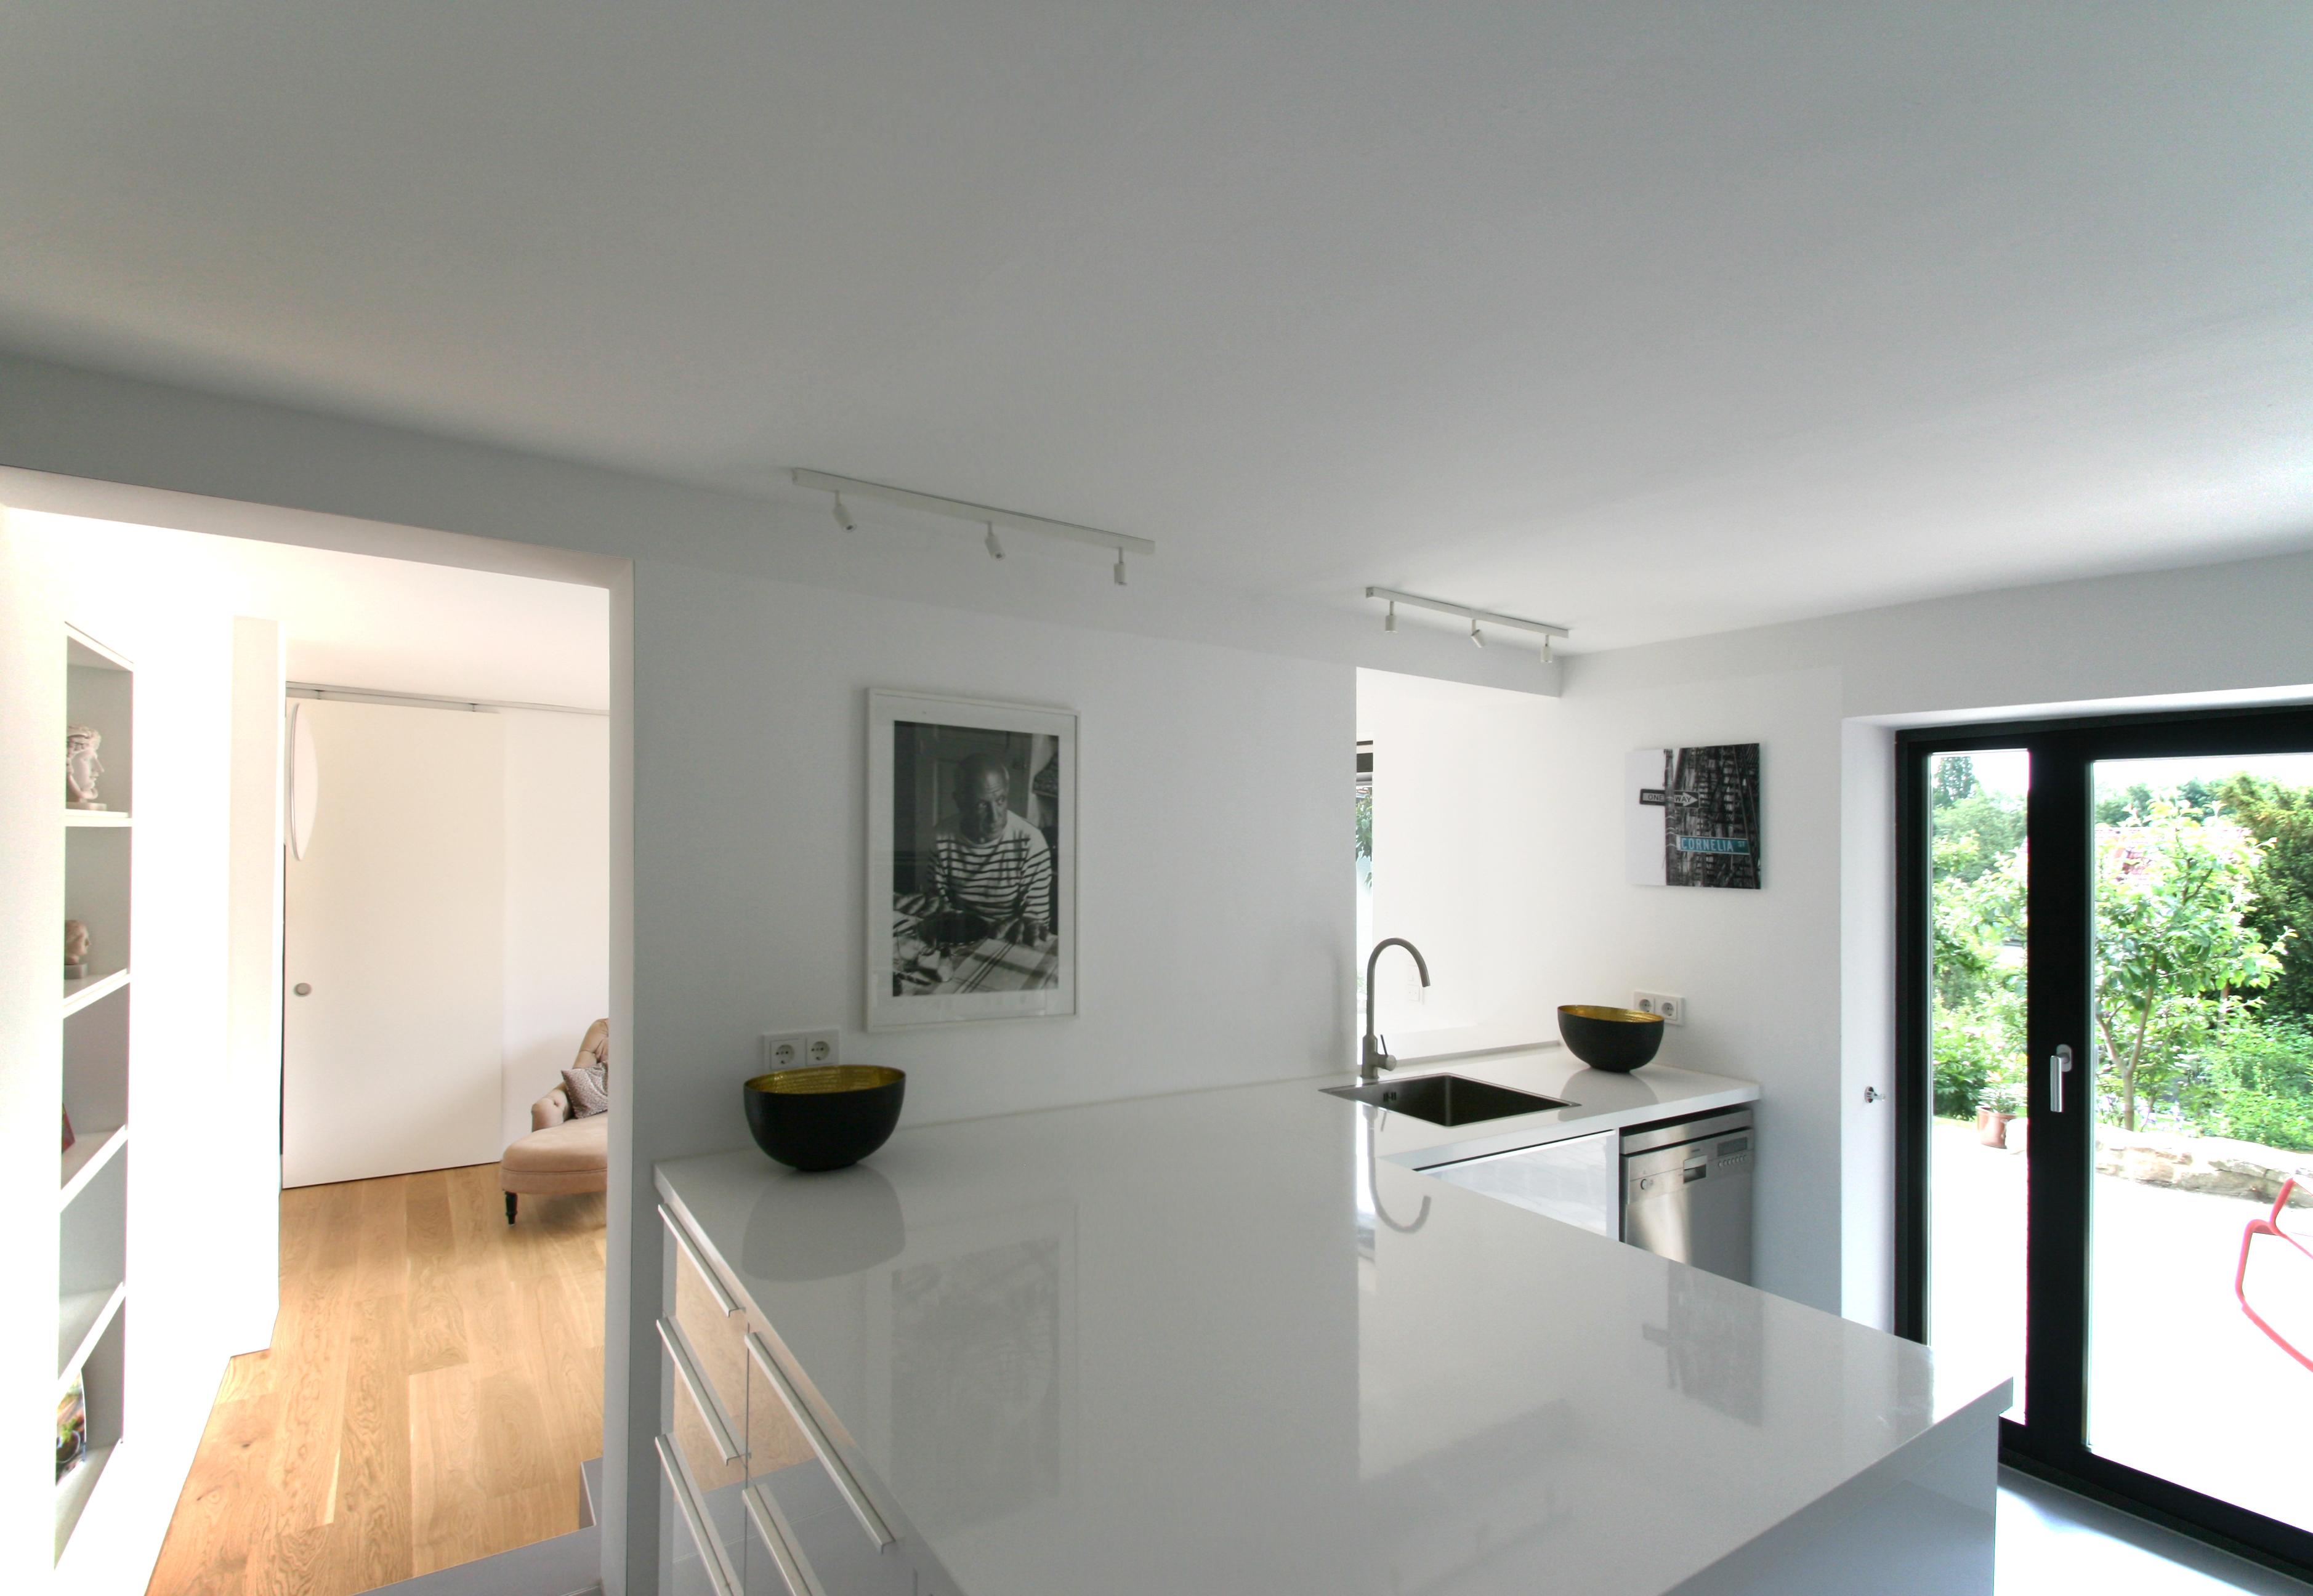 Küche, Bild: Dma